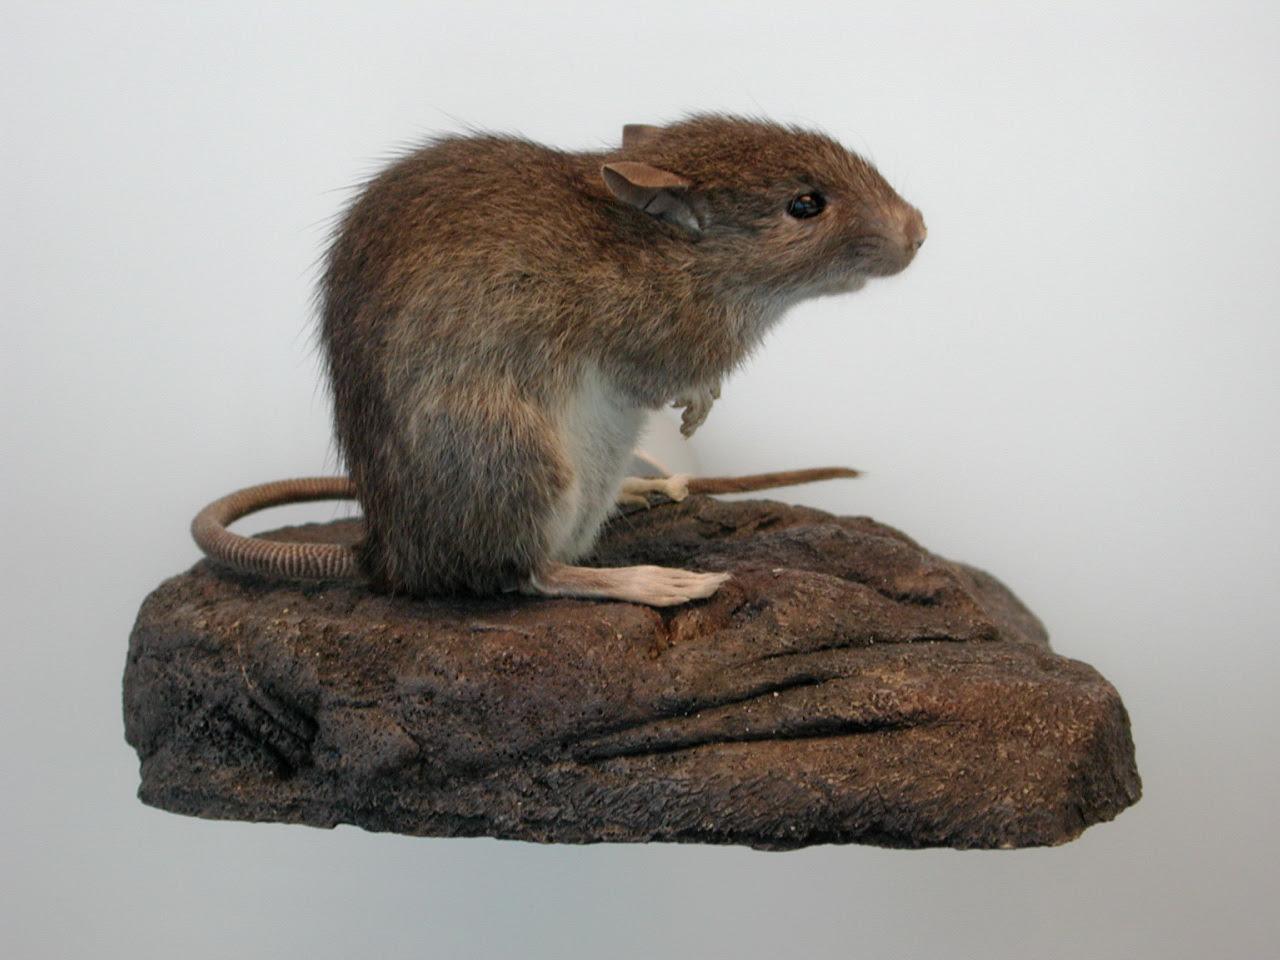 A Pacific Rat (photograph of museum specimen)